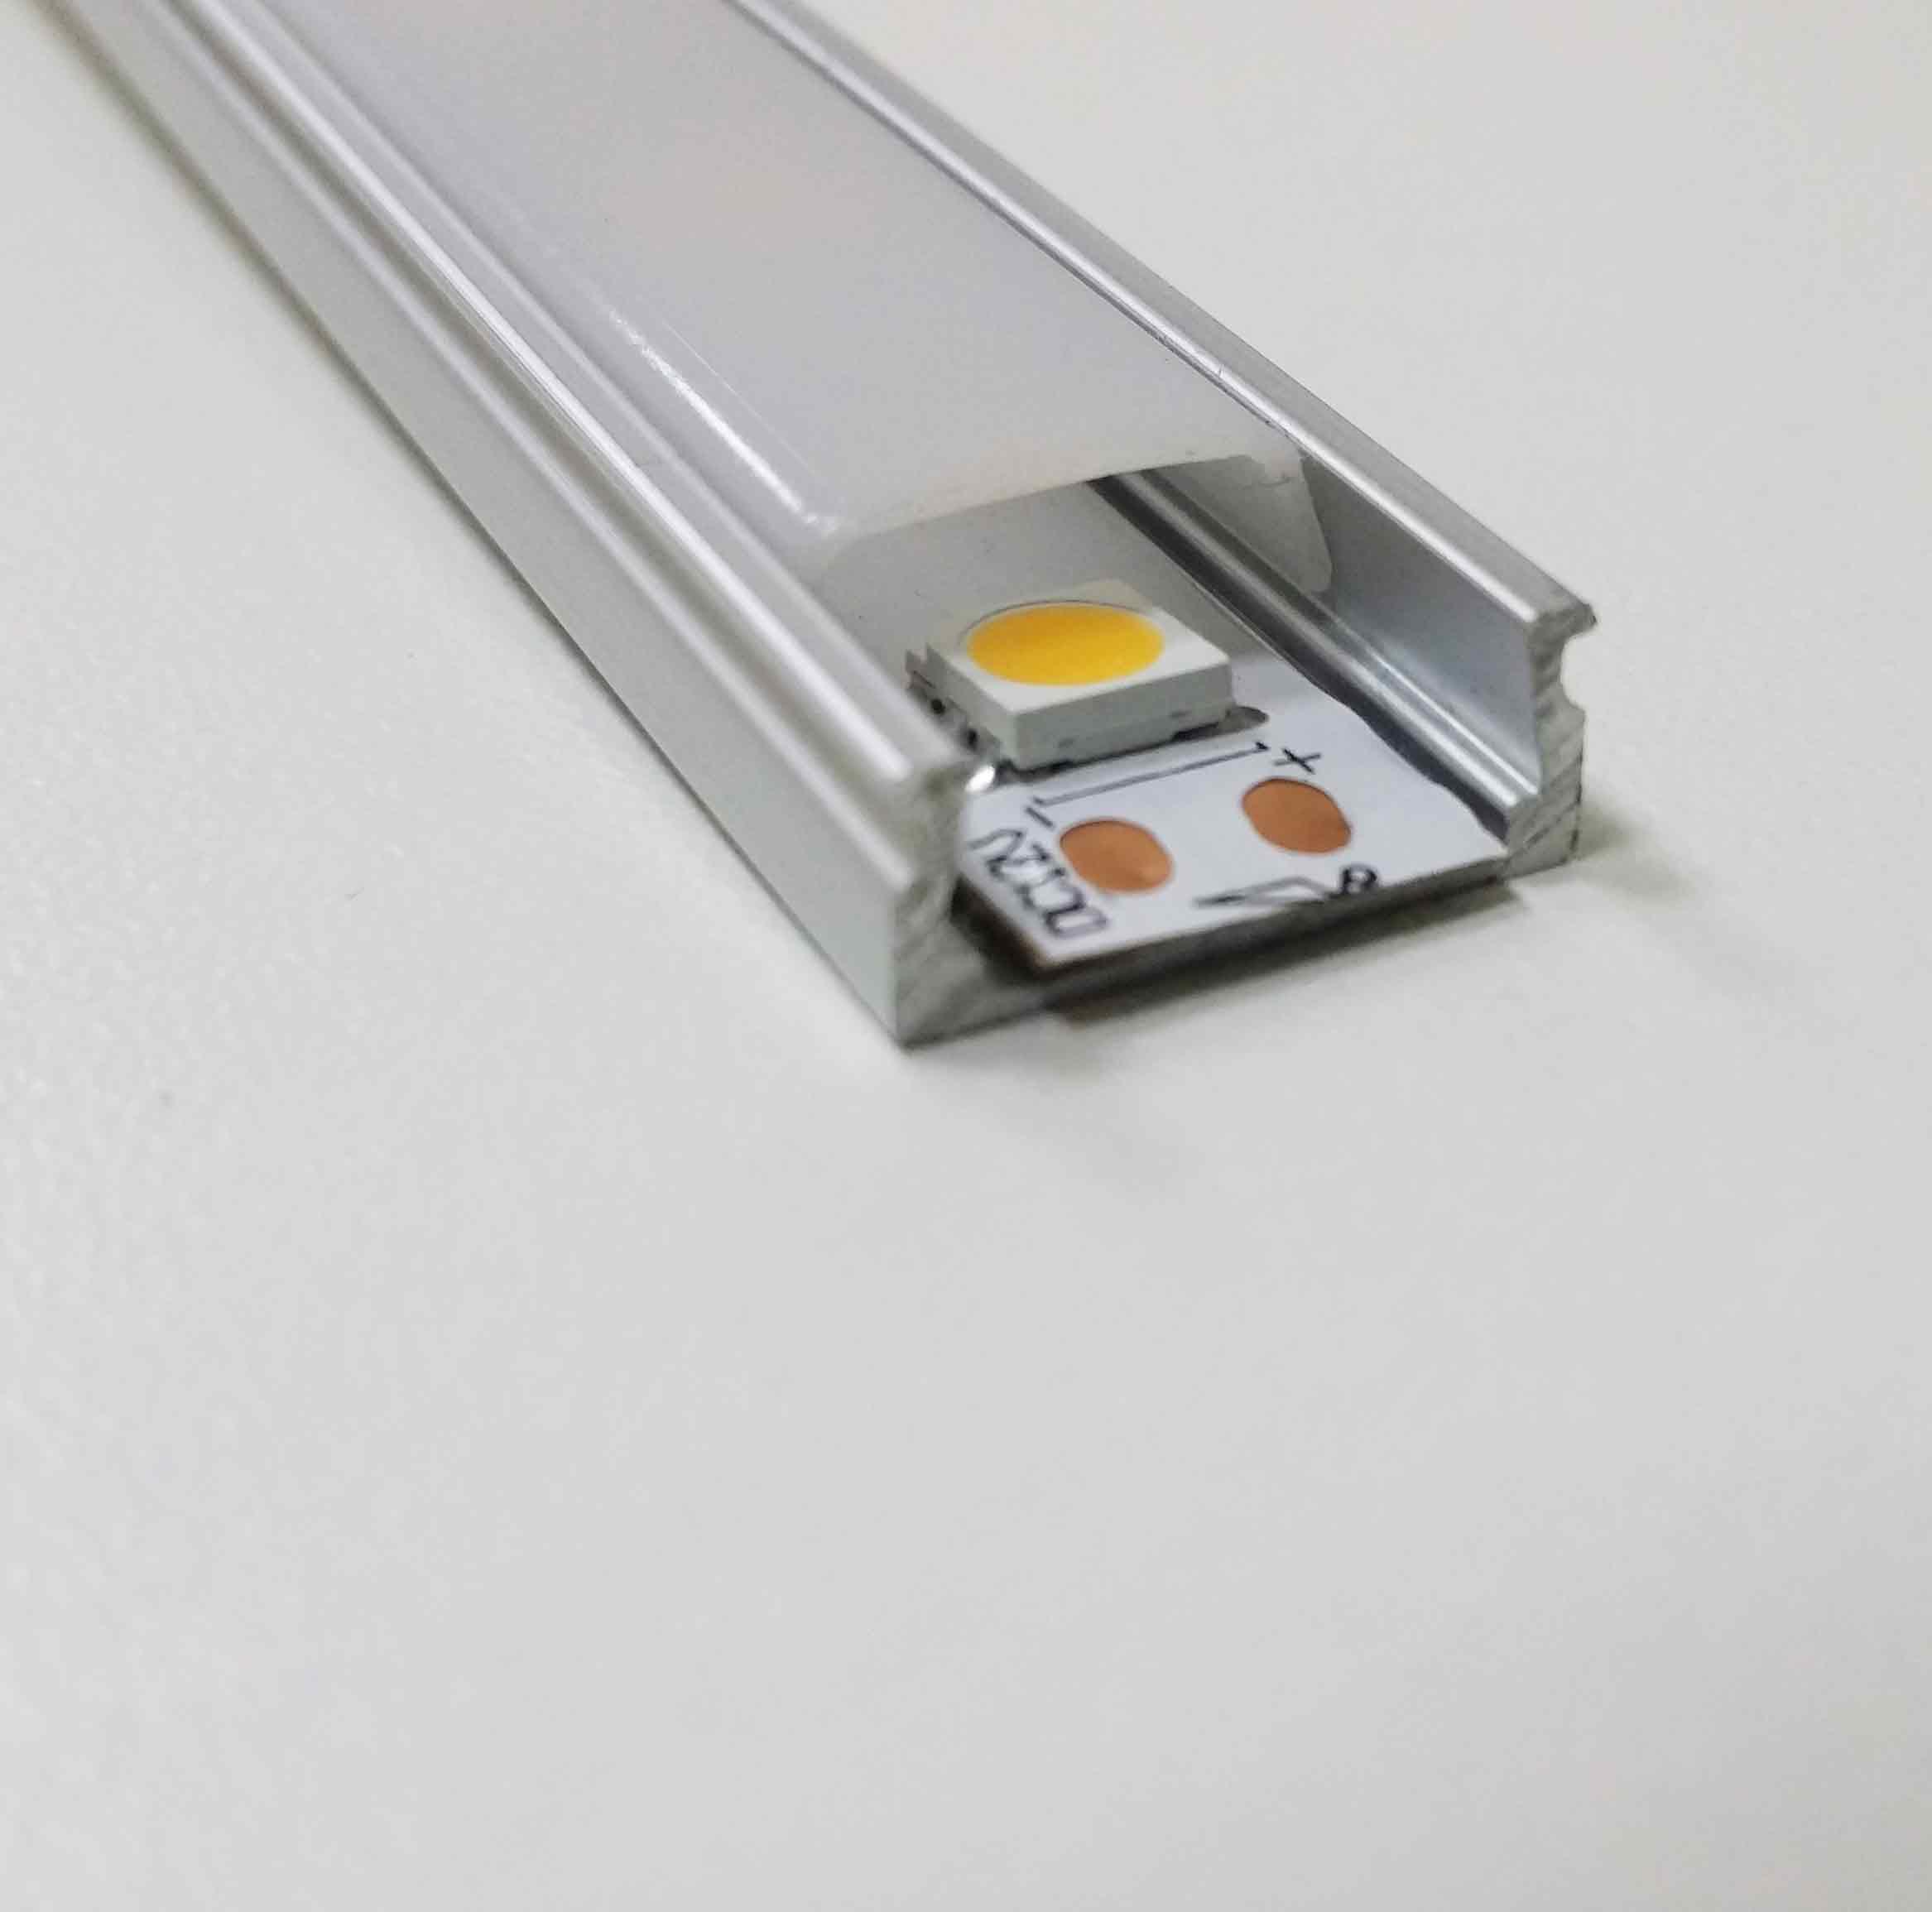 Какие бывают профили для светодиодных лент?